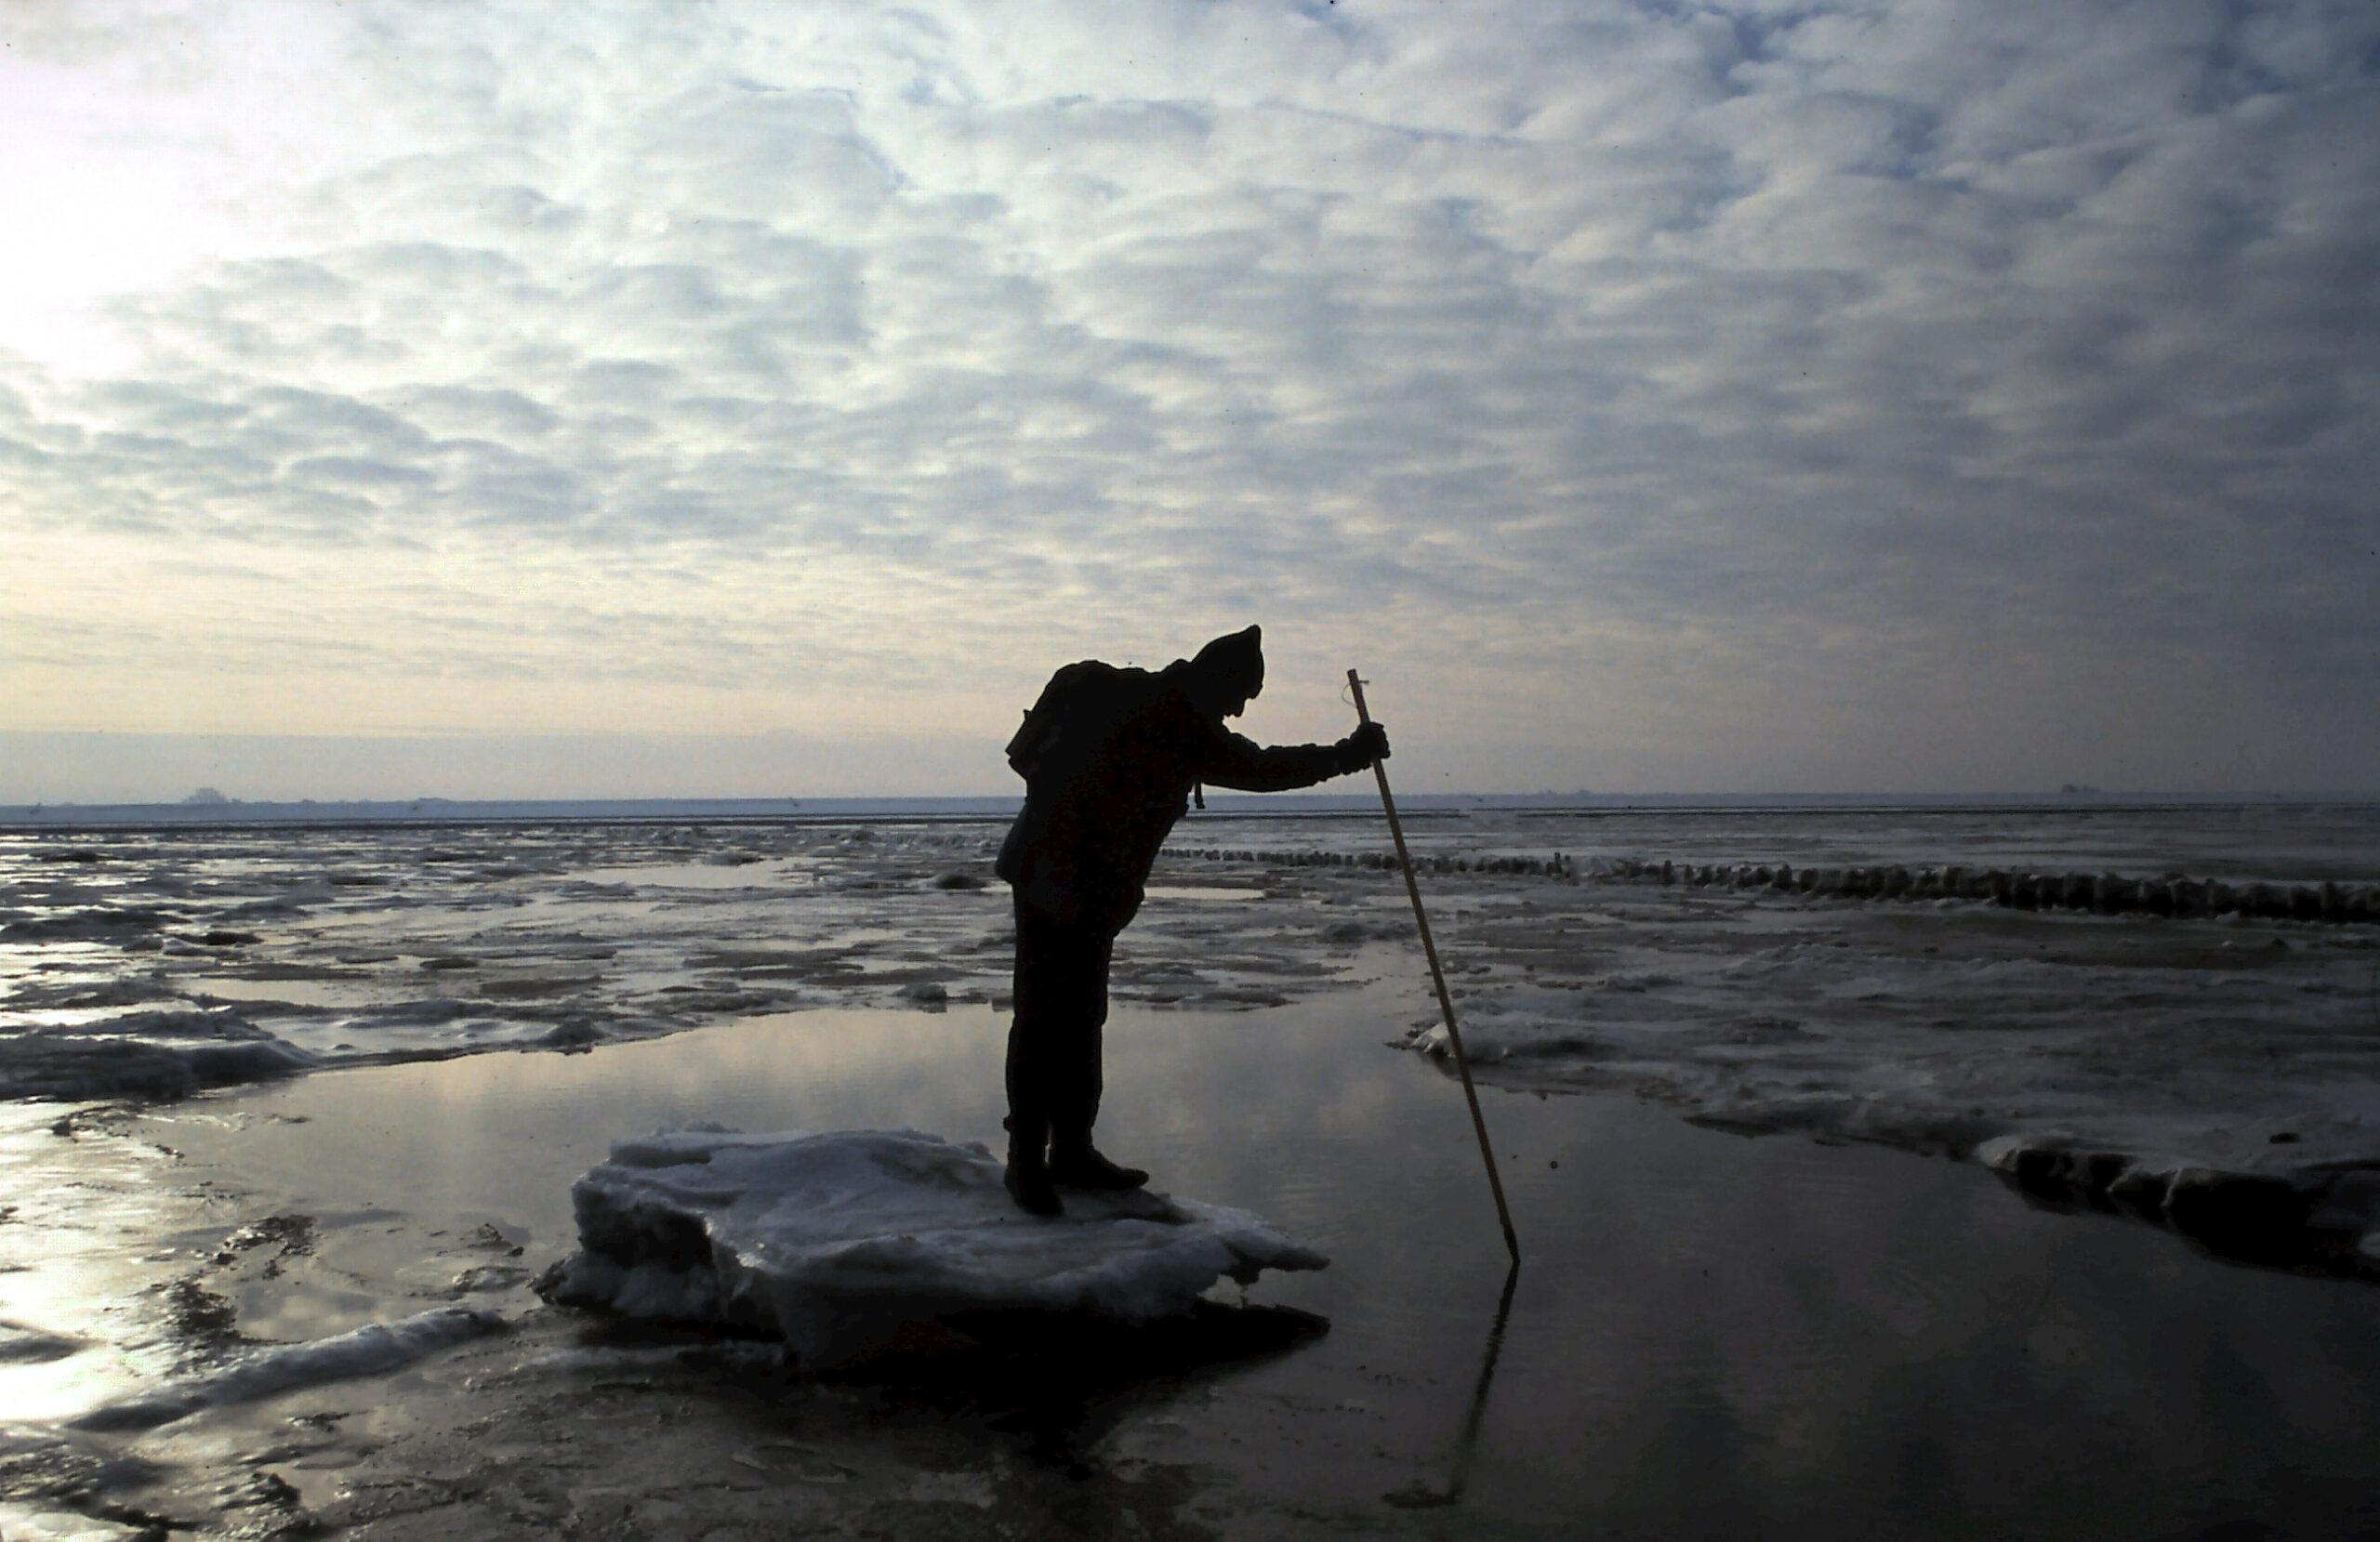 Misschien ijswadlopen deze winter?